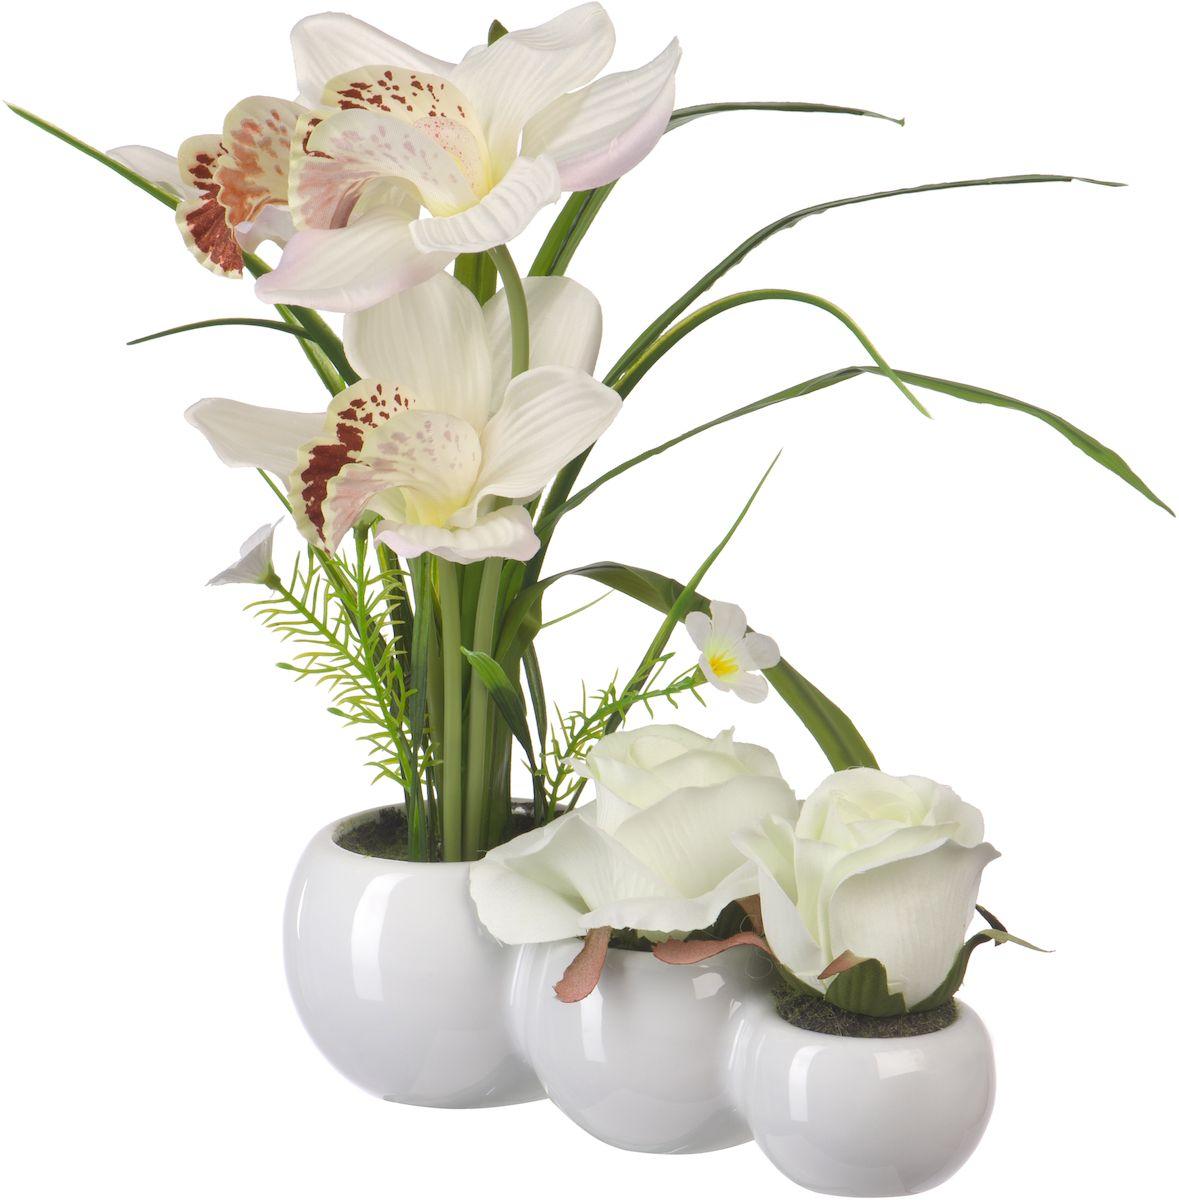 Цветы декоративные Engard  Орхидея и роза , в кашпо, 23 х 7 х 30 см - Садовый декор